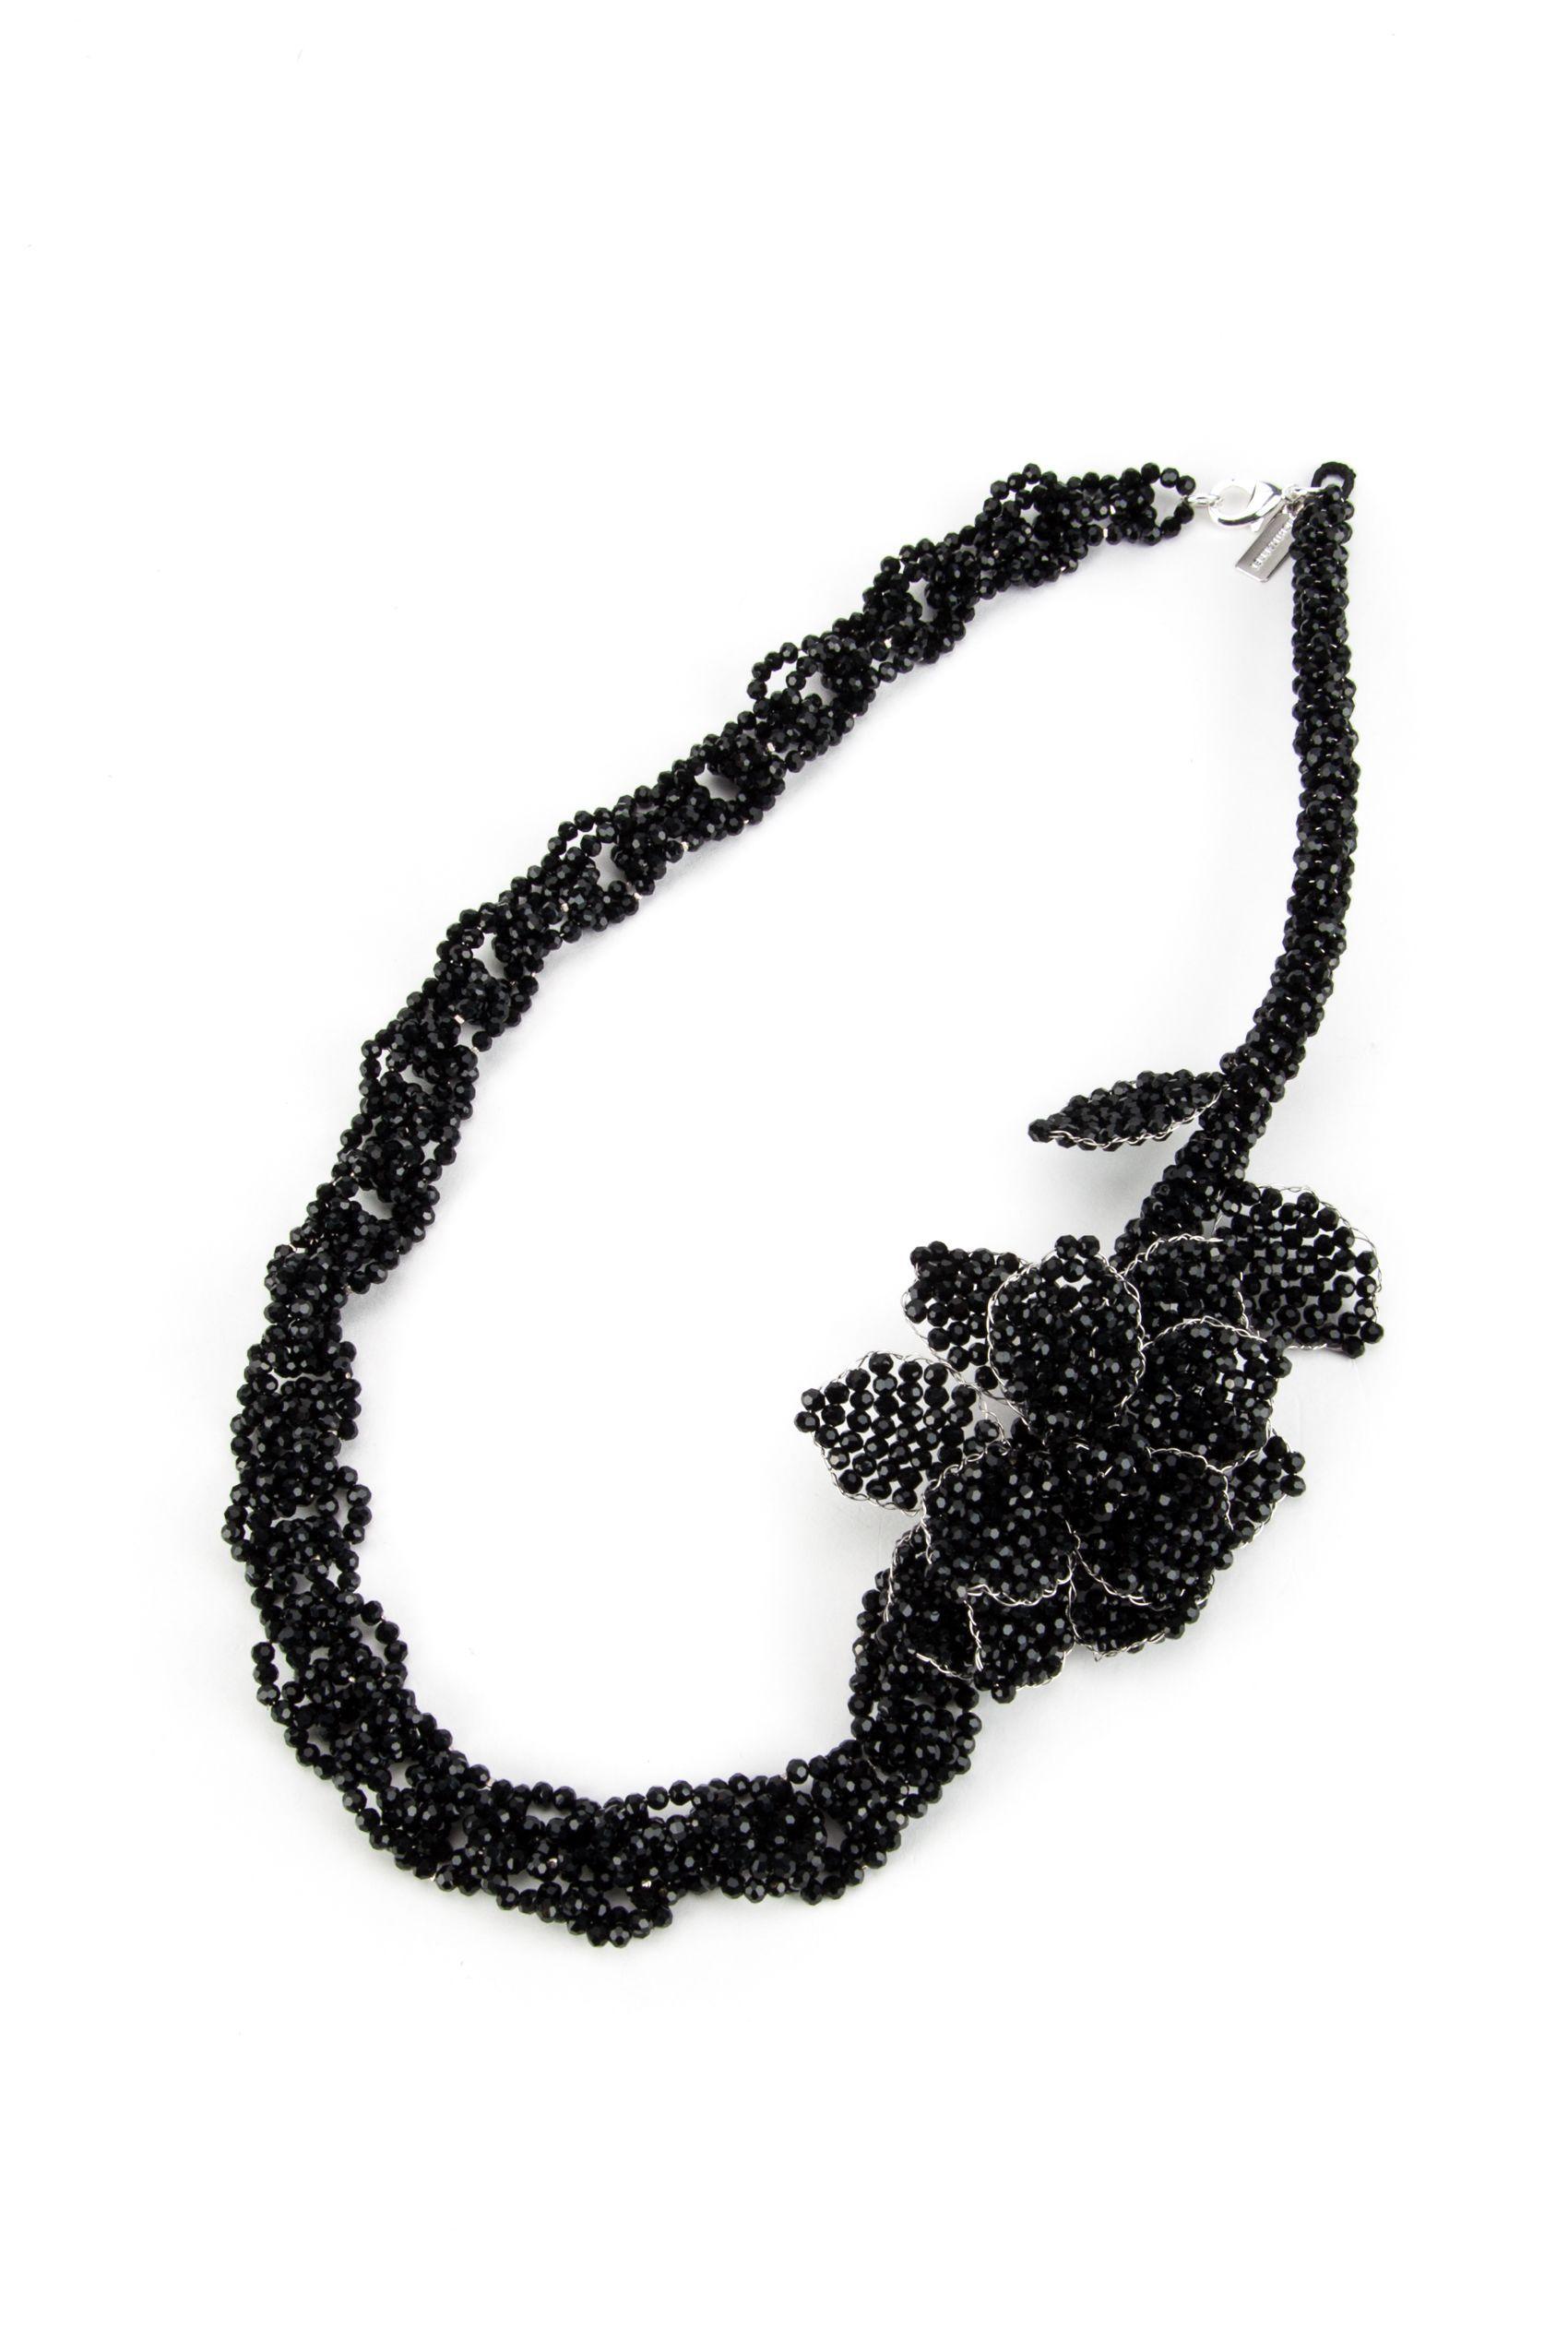 Night Market Chain Necklace In Blacknero